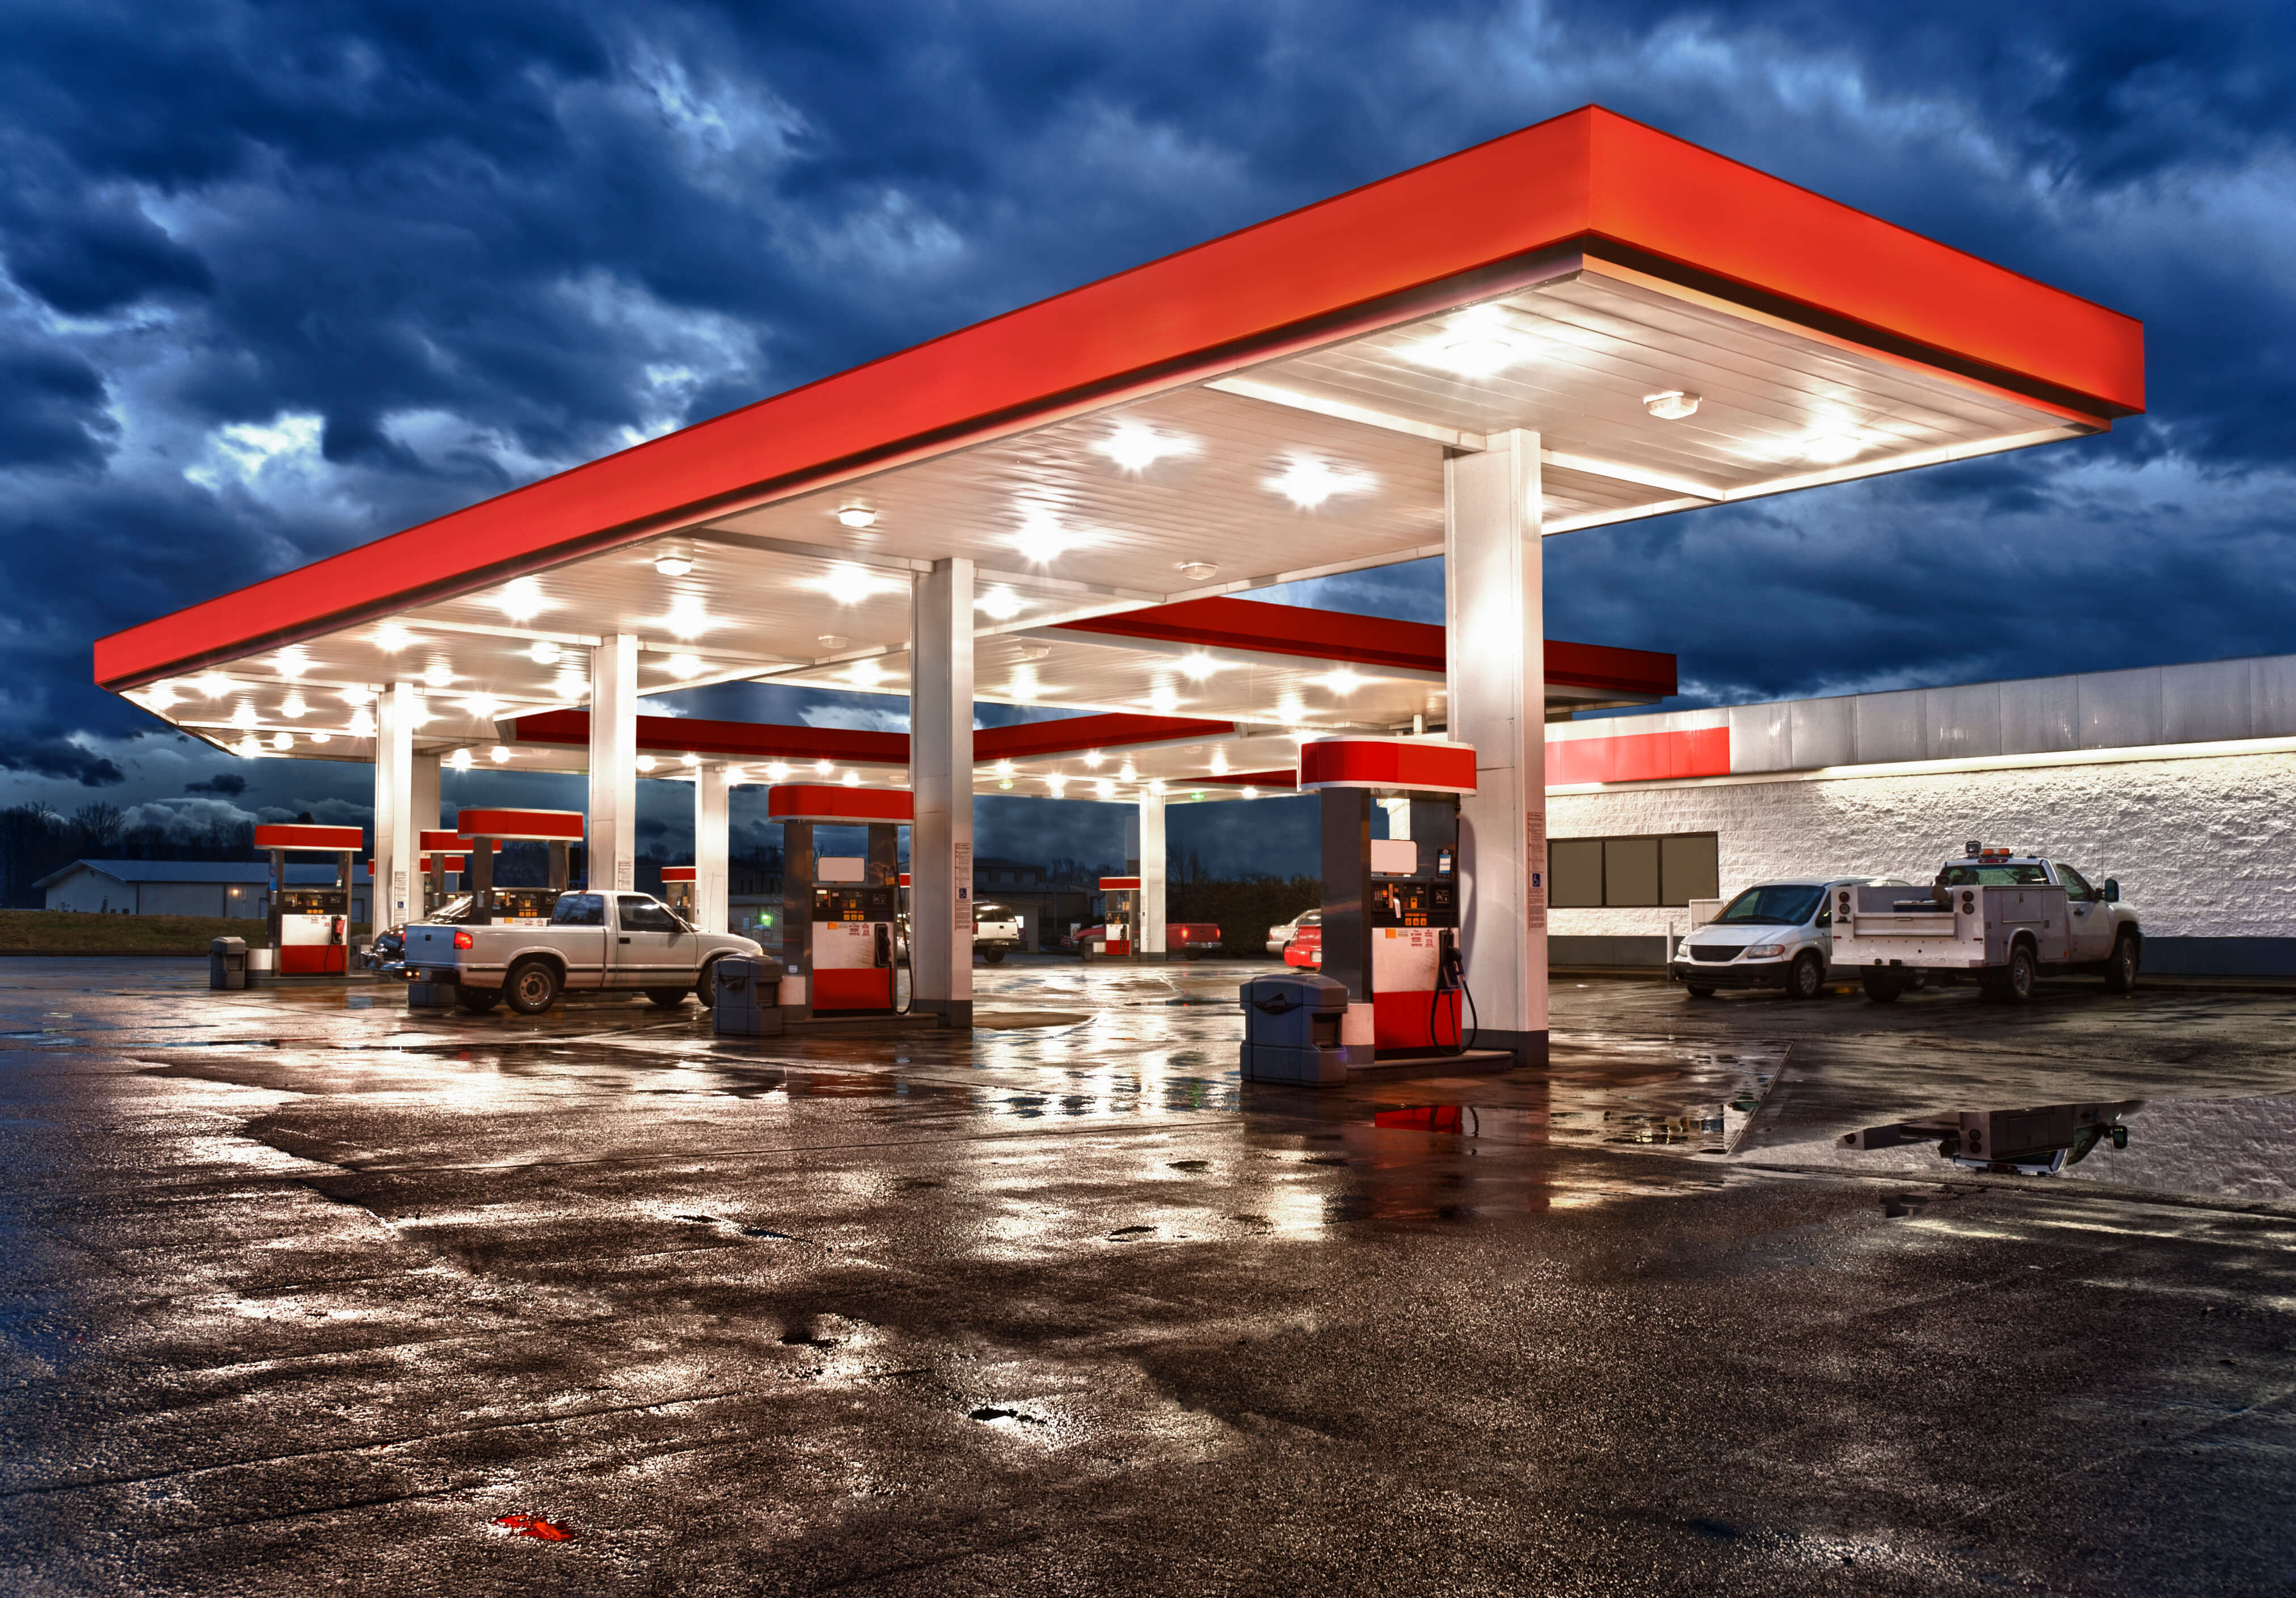 combustível adulterado - postos de gasolina